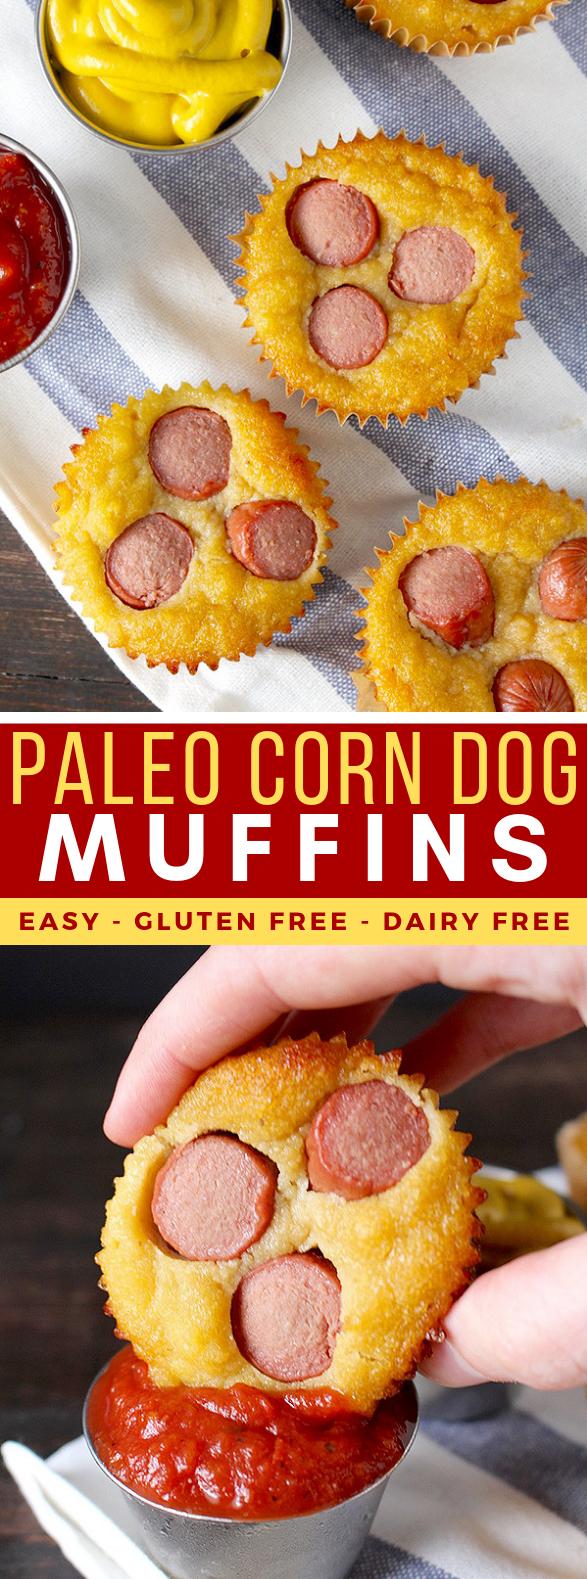 PALEO CORN DOG MUFFINS #healthy kidfriendly